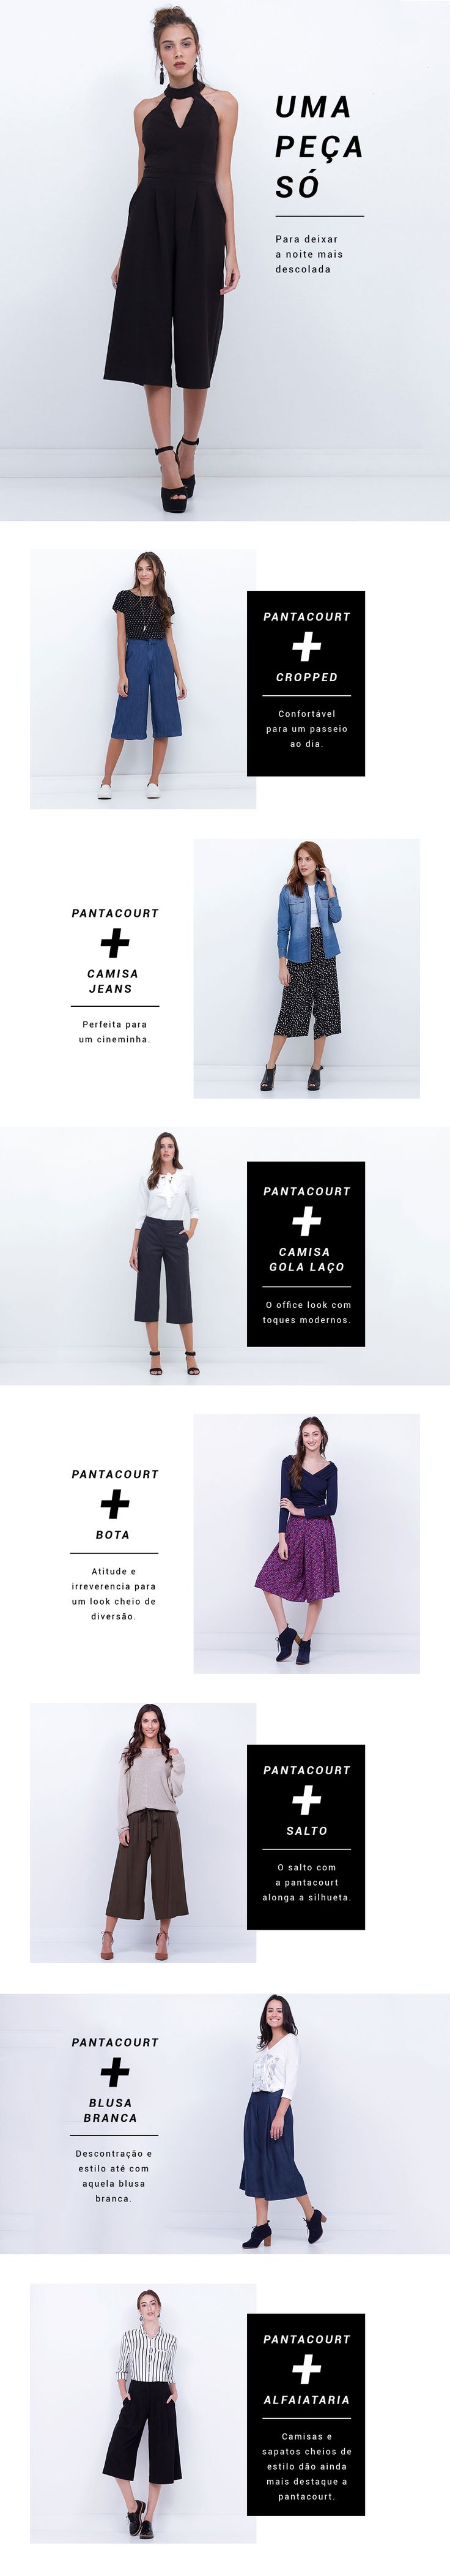 Canal exclusivo criado para você ficar por dentro das novidades da marca, além de campanhas e as últimas notícias e tendências do mundo da moda.